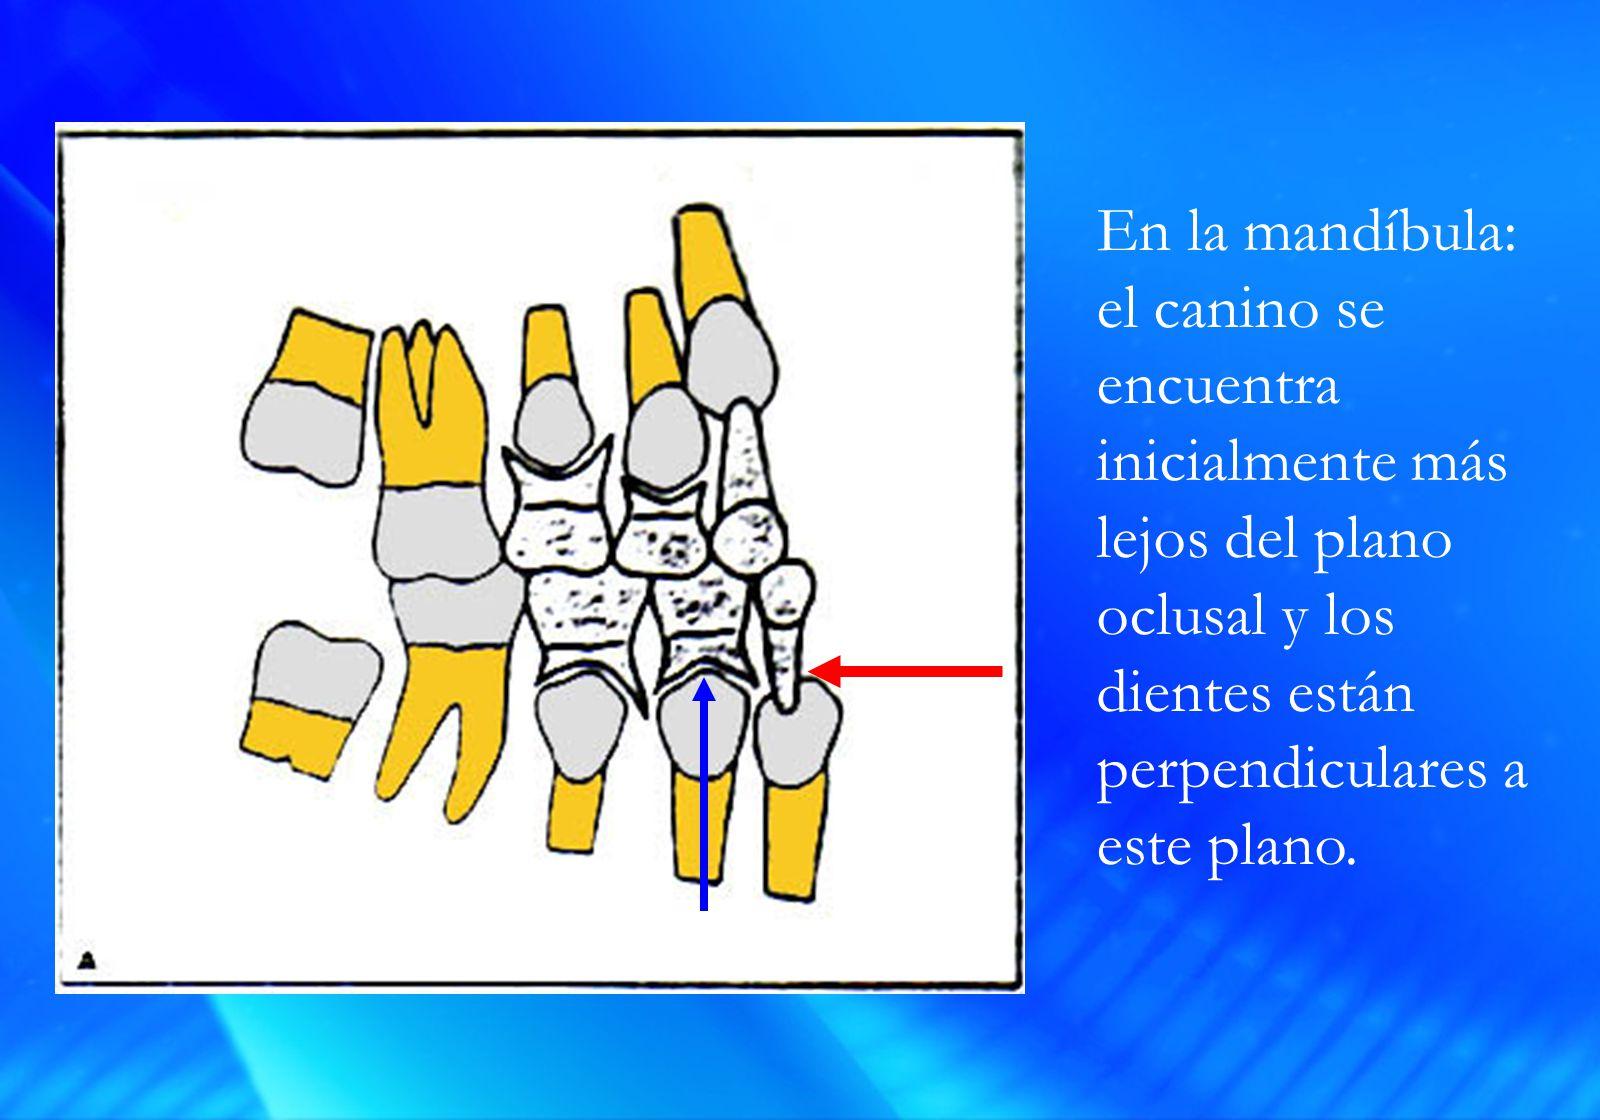 En la mandíbula: el canino se encuentra inicialmente más lejos del plano oclusal y los dientes están perpendiculares a este plano.